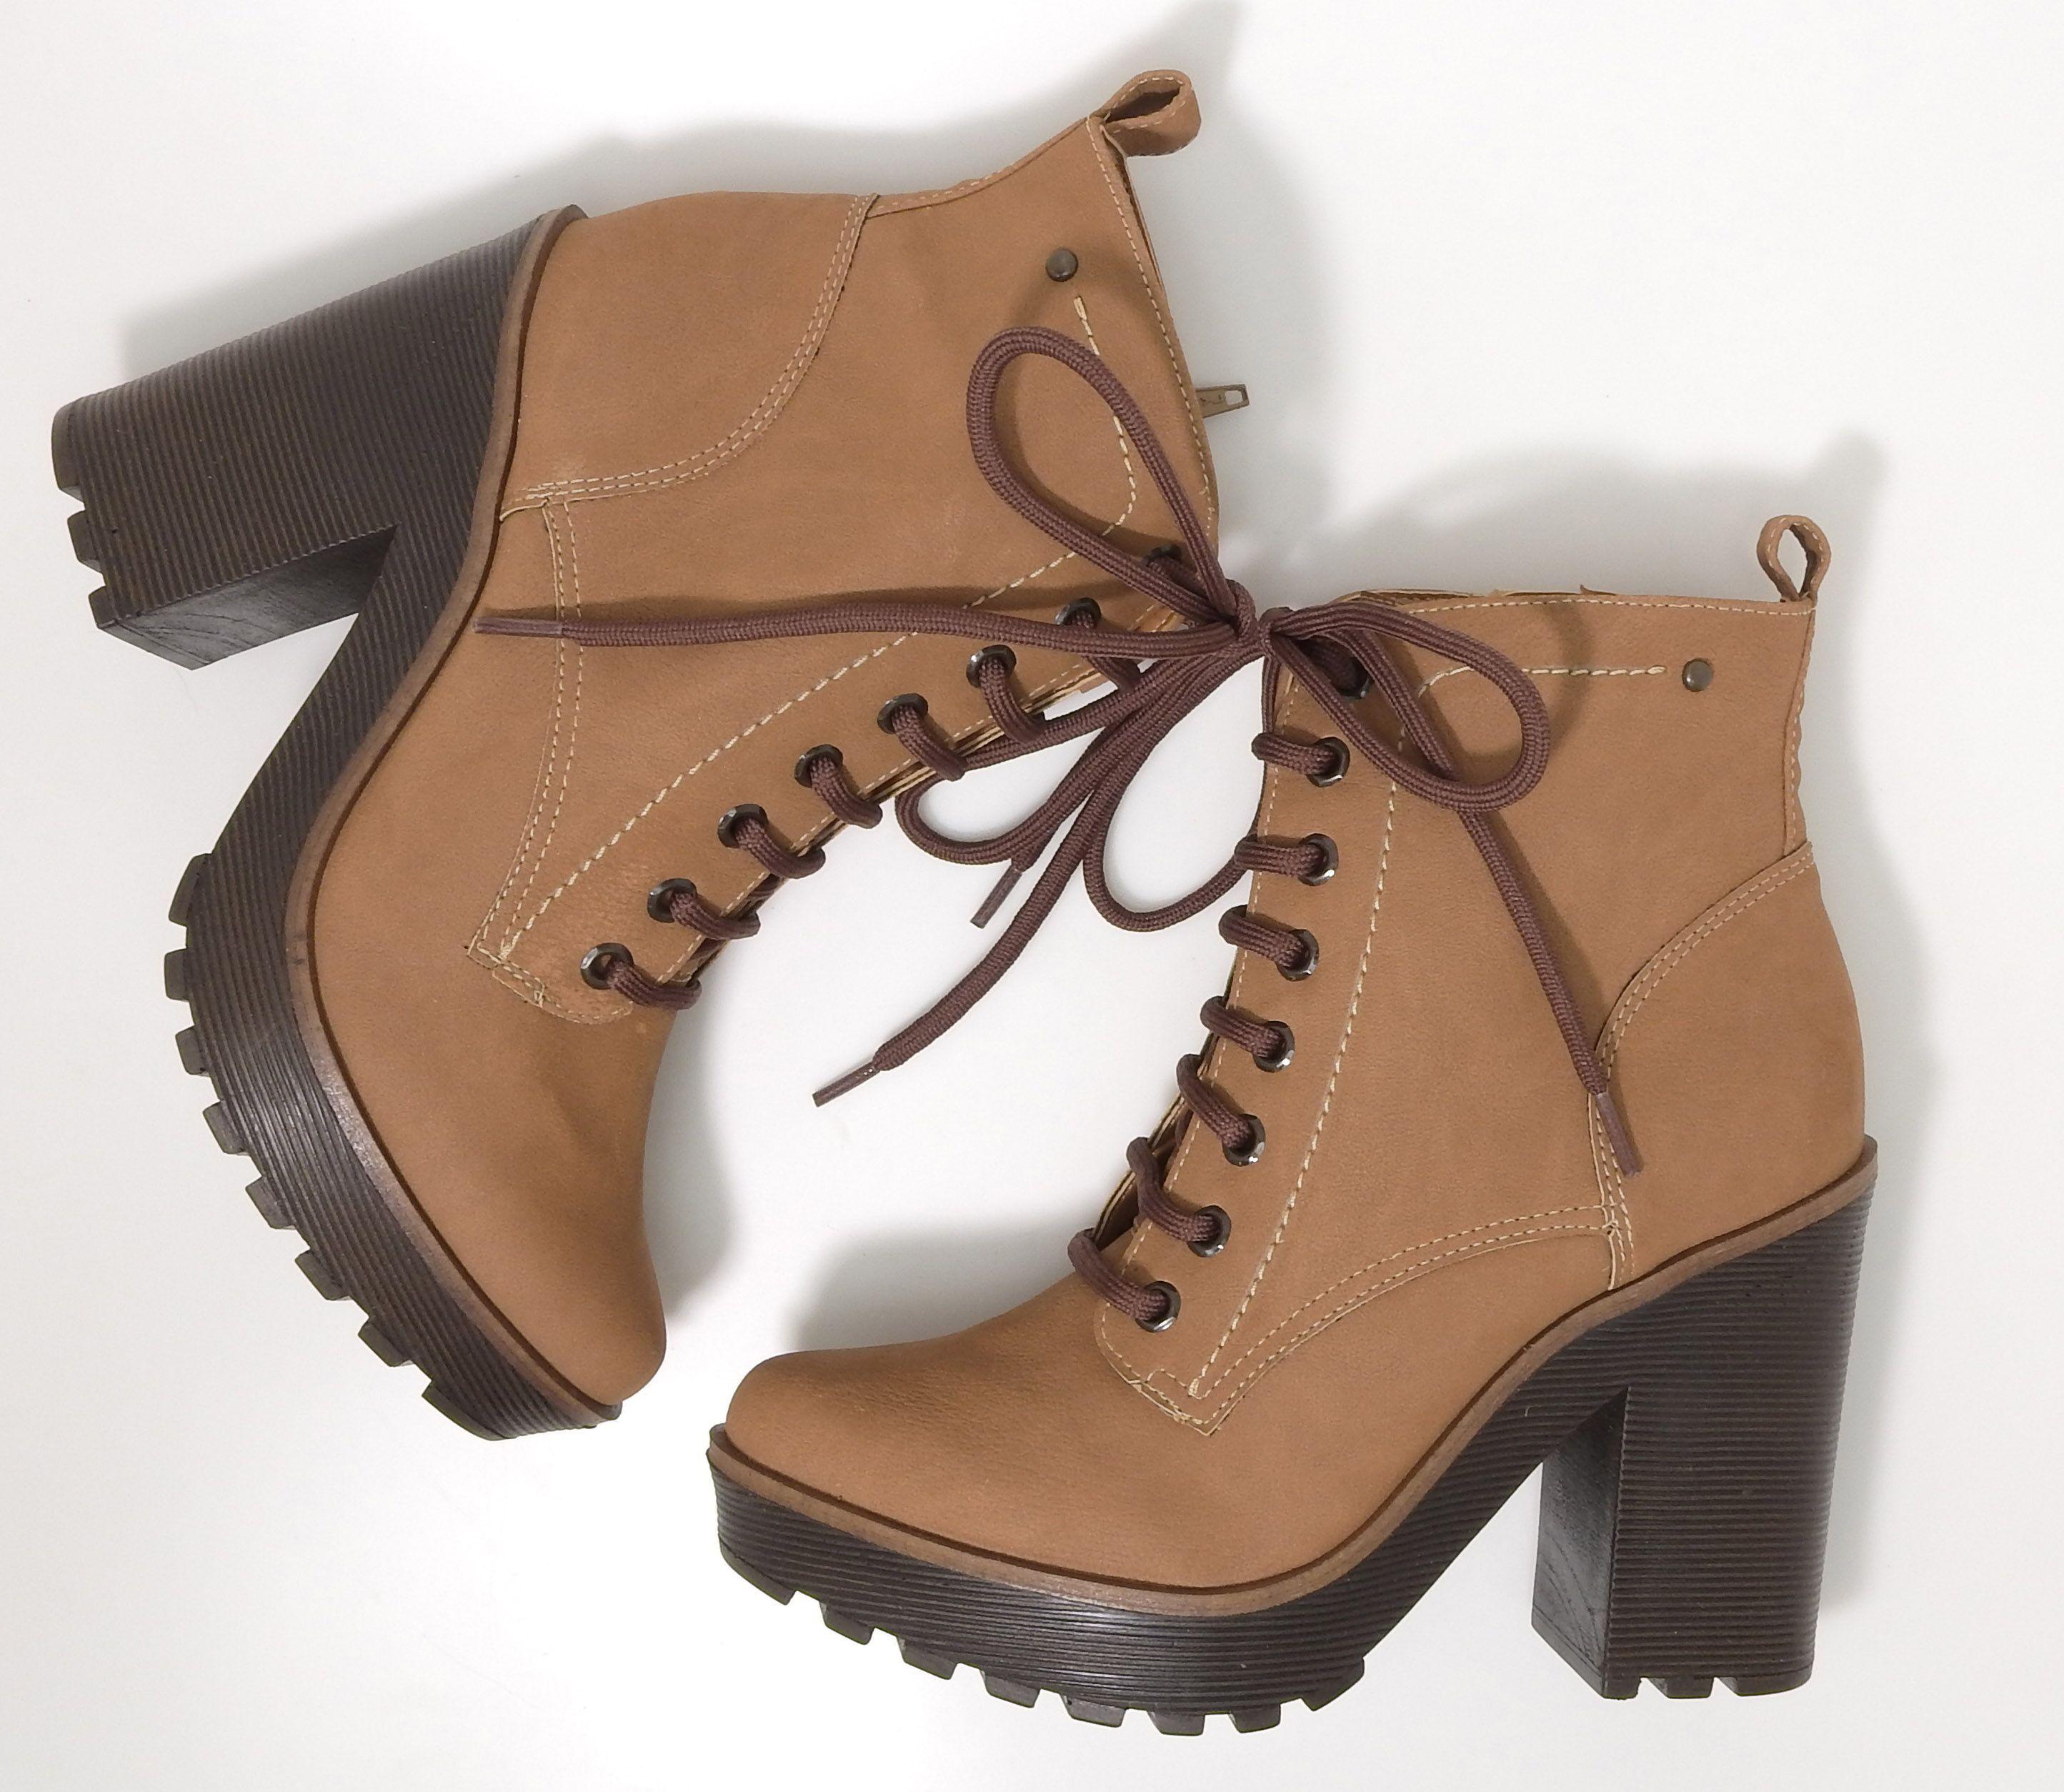 5a0b5bc441 boots - coturno - bota com salto alto - Inverno 2016 - Ref. 16-5805 ...